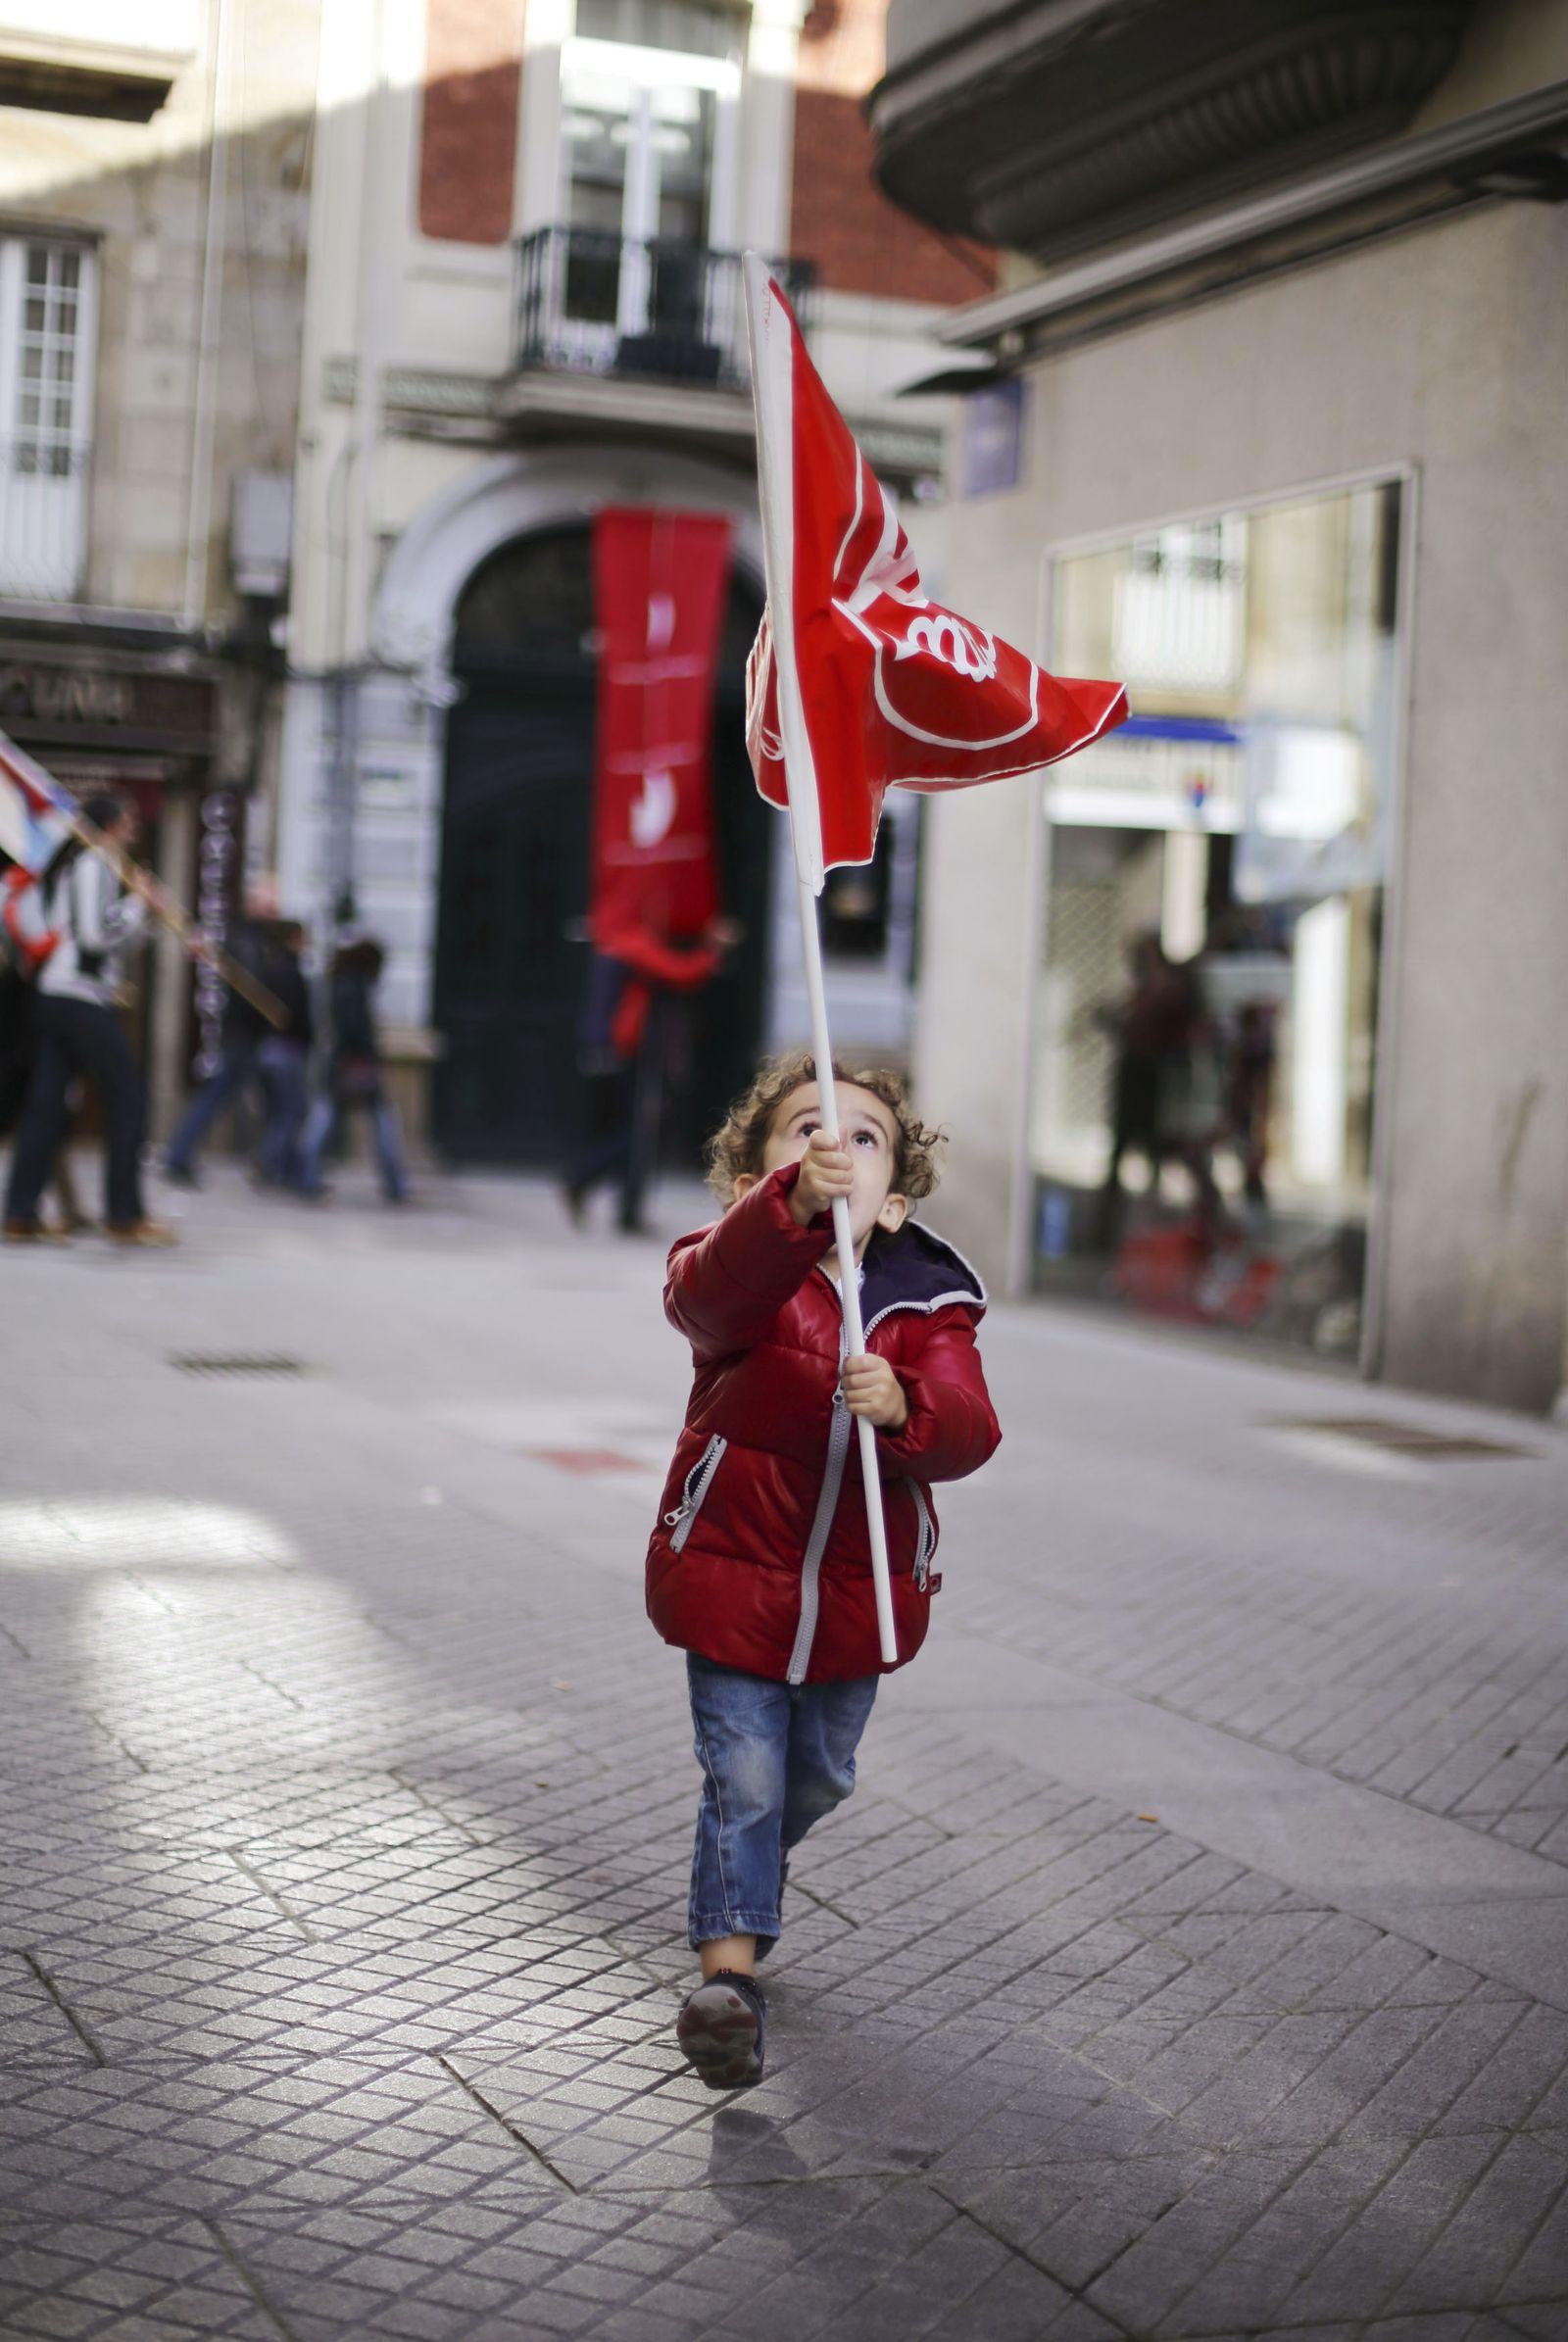 Spanien / Proteste gegen Sparpolitik